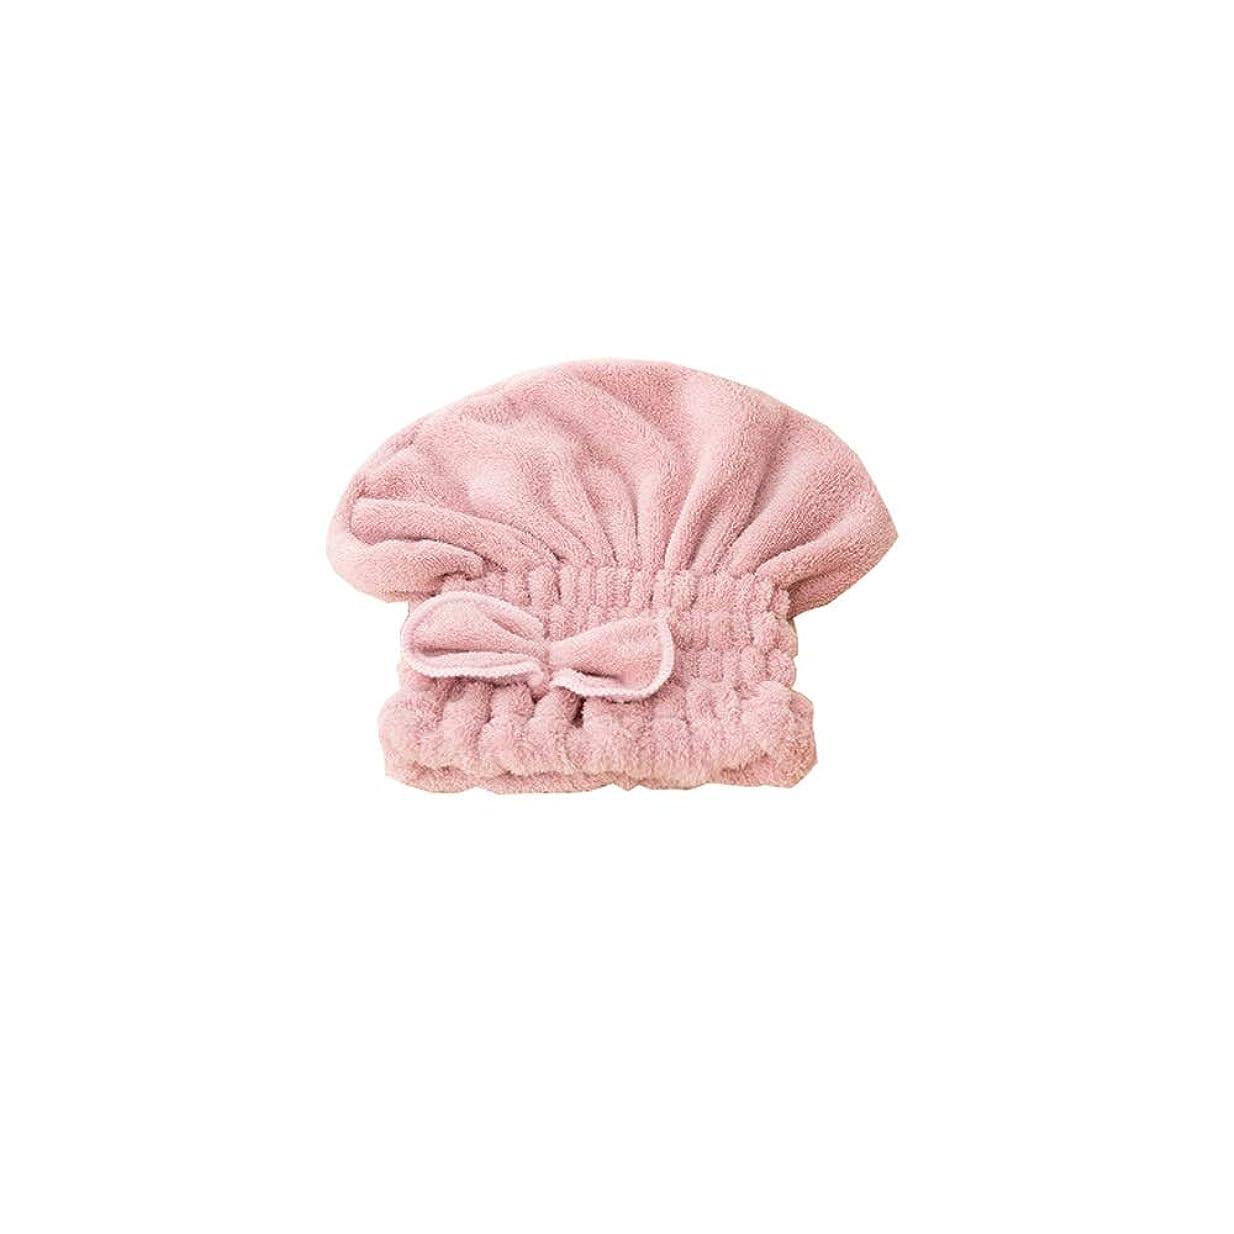 送る悲しむ仮定するHEHUIHUI- シャワーキャップ、ダブルシャワーキャップ、レディース弾性防水シャワーキャップ HHH (Color : Pink)